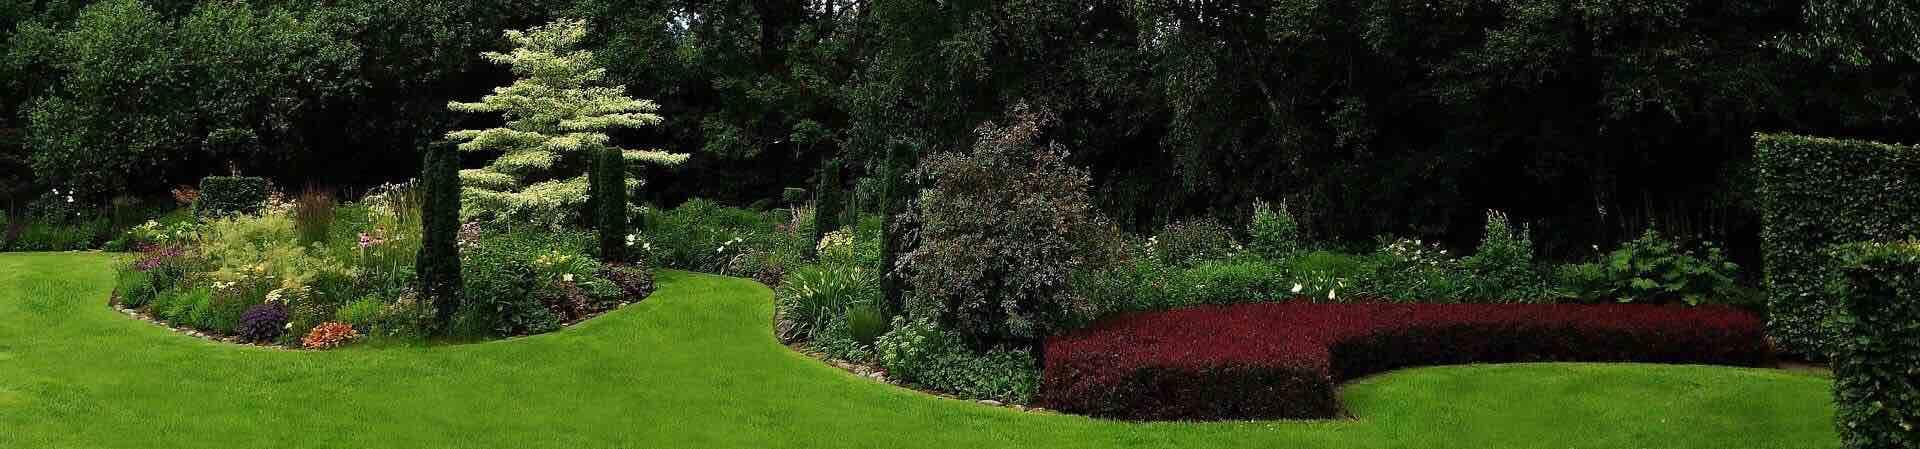 Ziergarten im Gartenportal